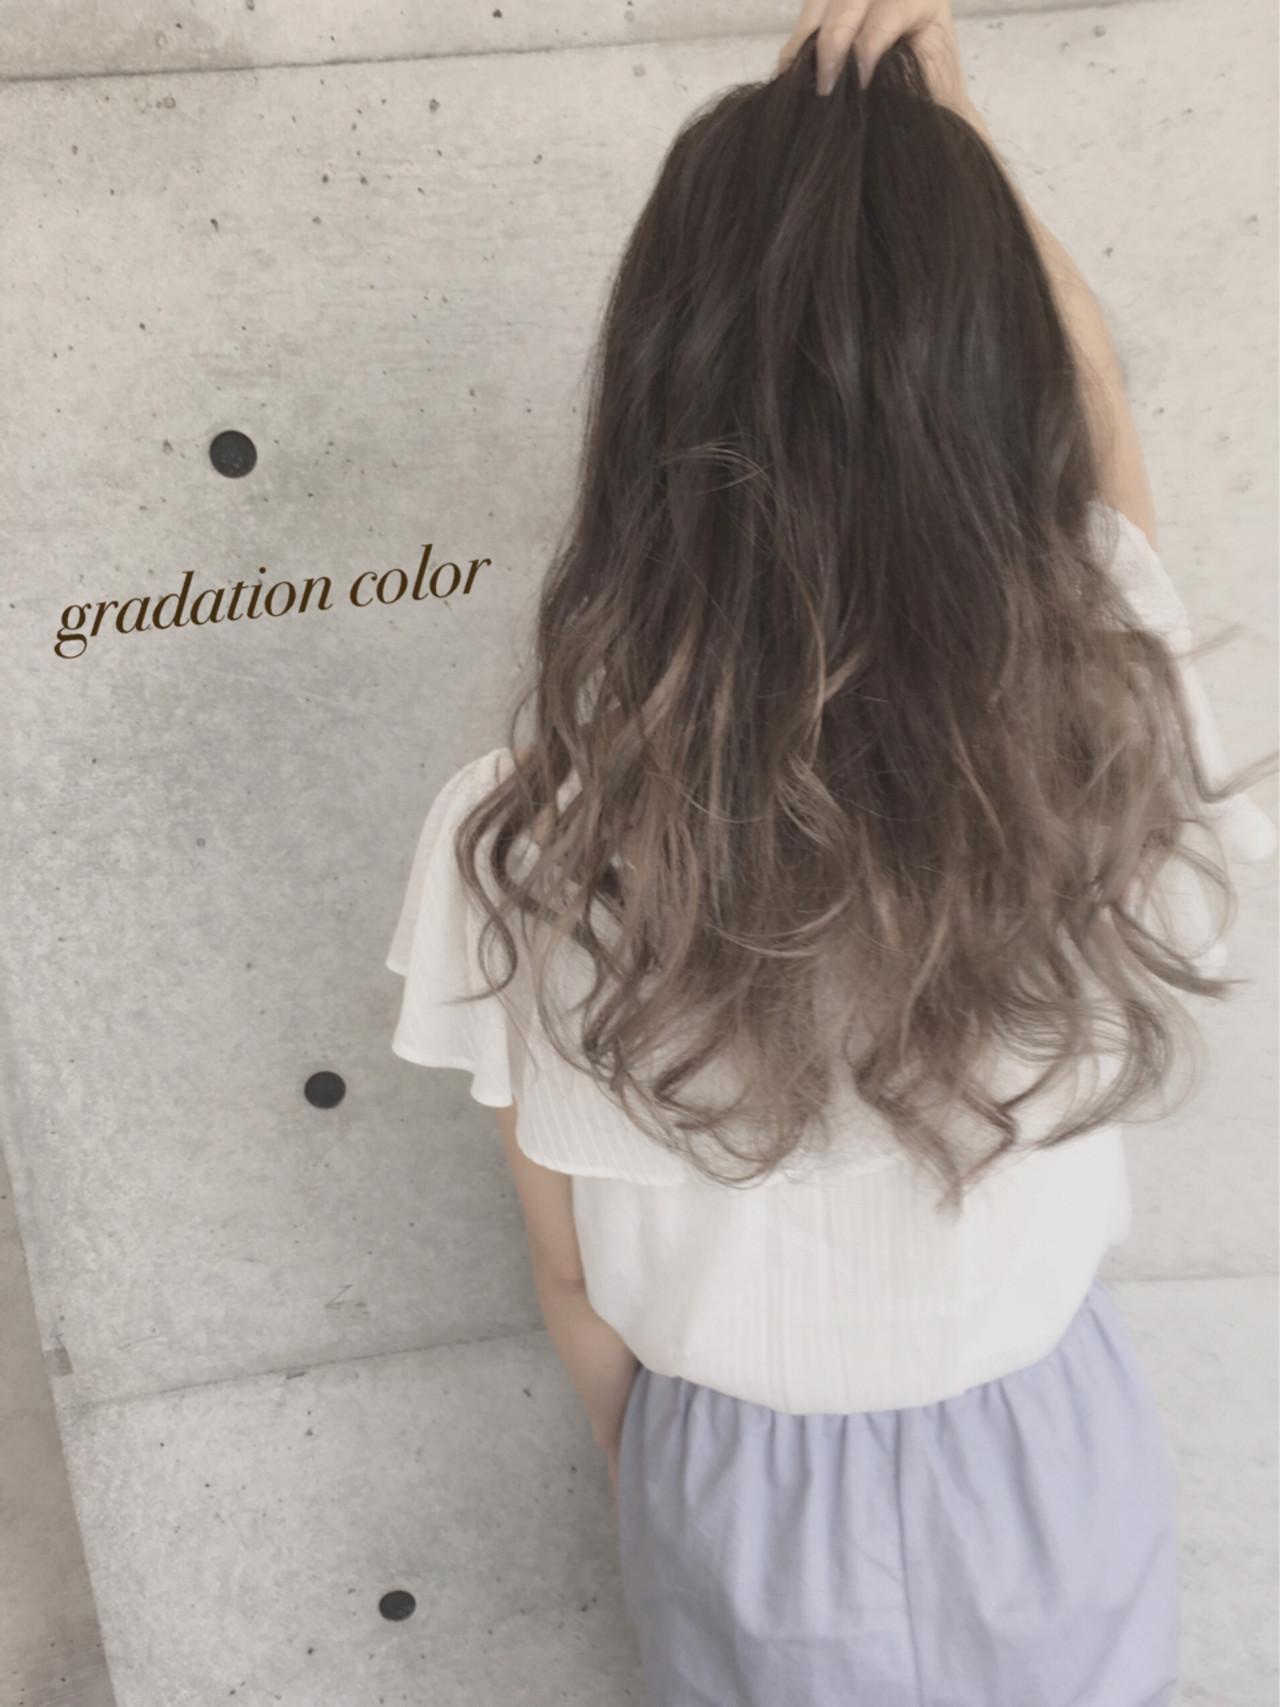 渋谷系 アッシュ ロング 外国人風 ヘアスタイルや髪型の写真・画像